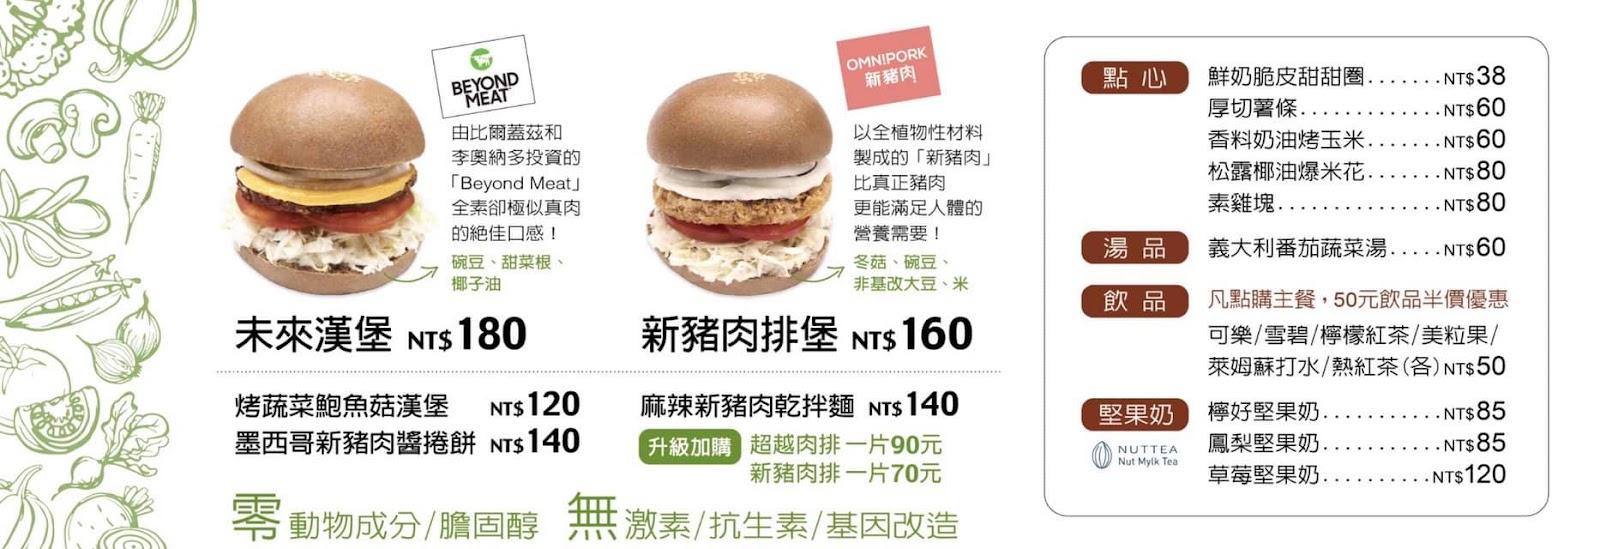 V Burger 菜單